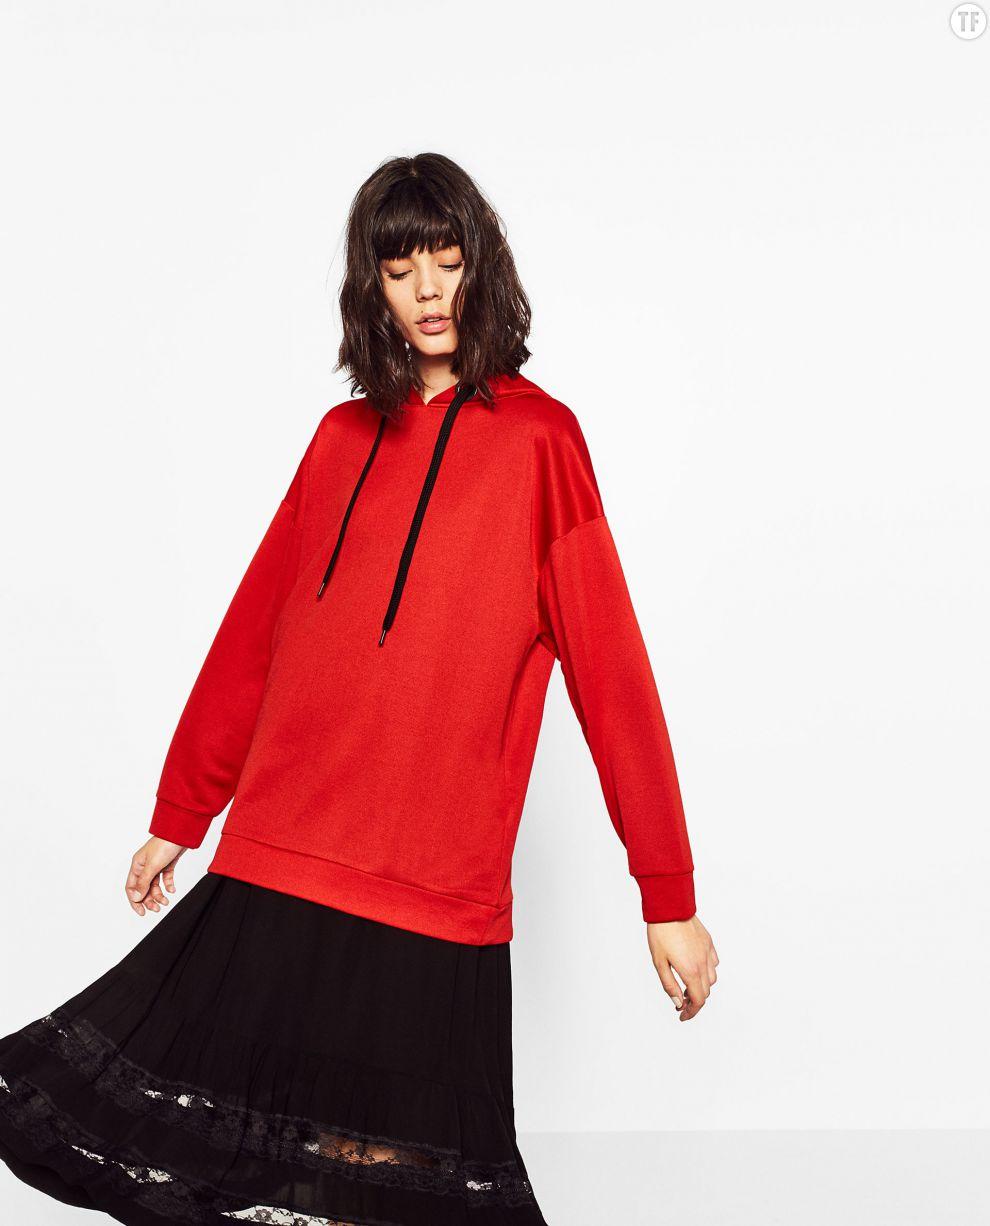 taille 7 bons plans sur la mode vendu dans le monde entier a href=